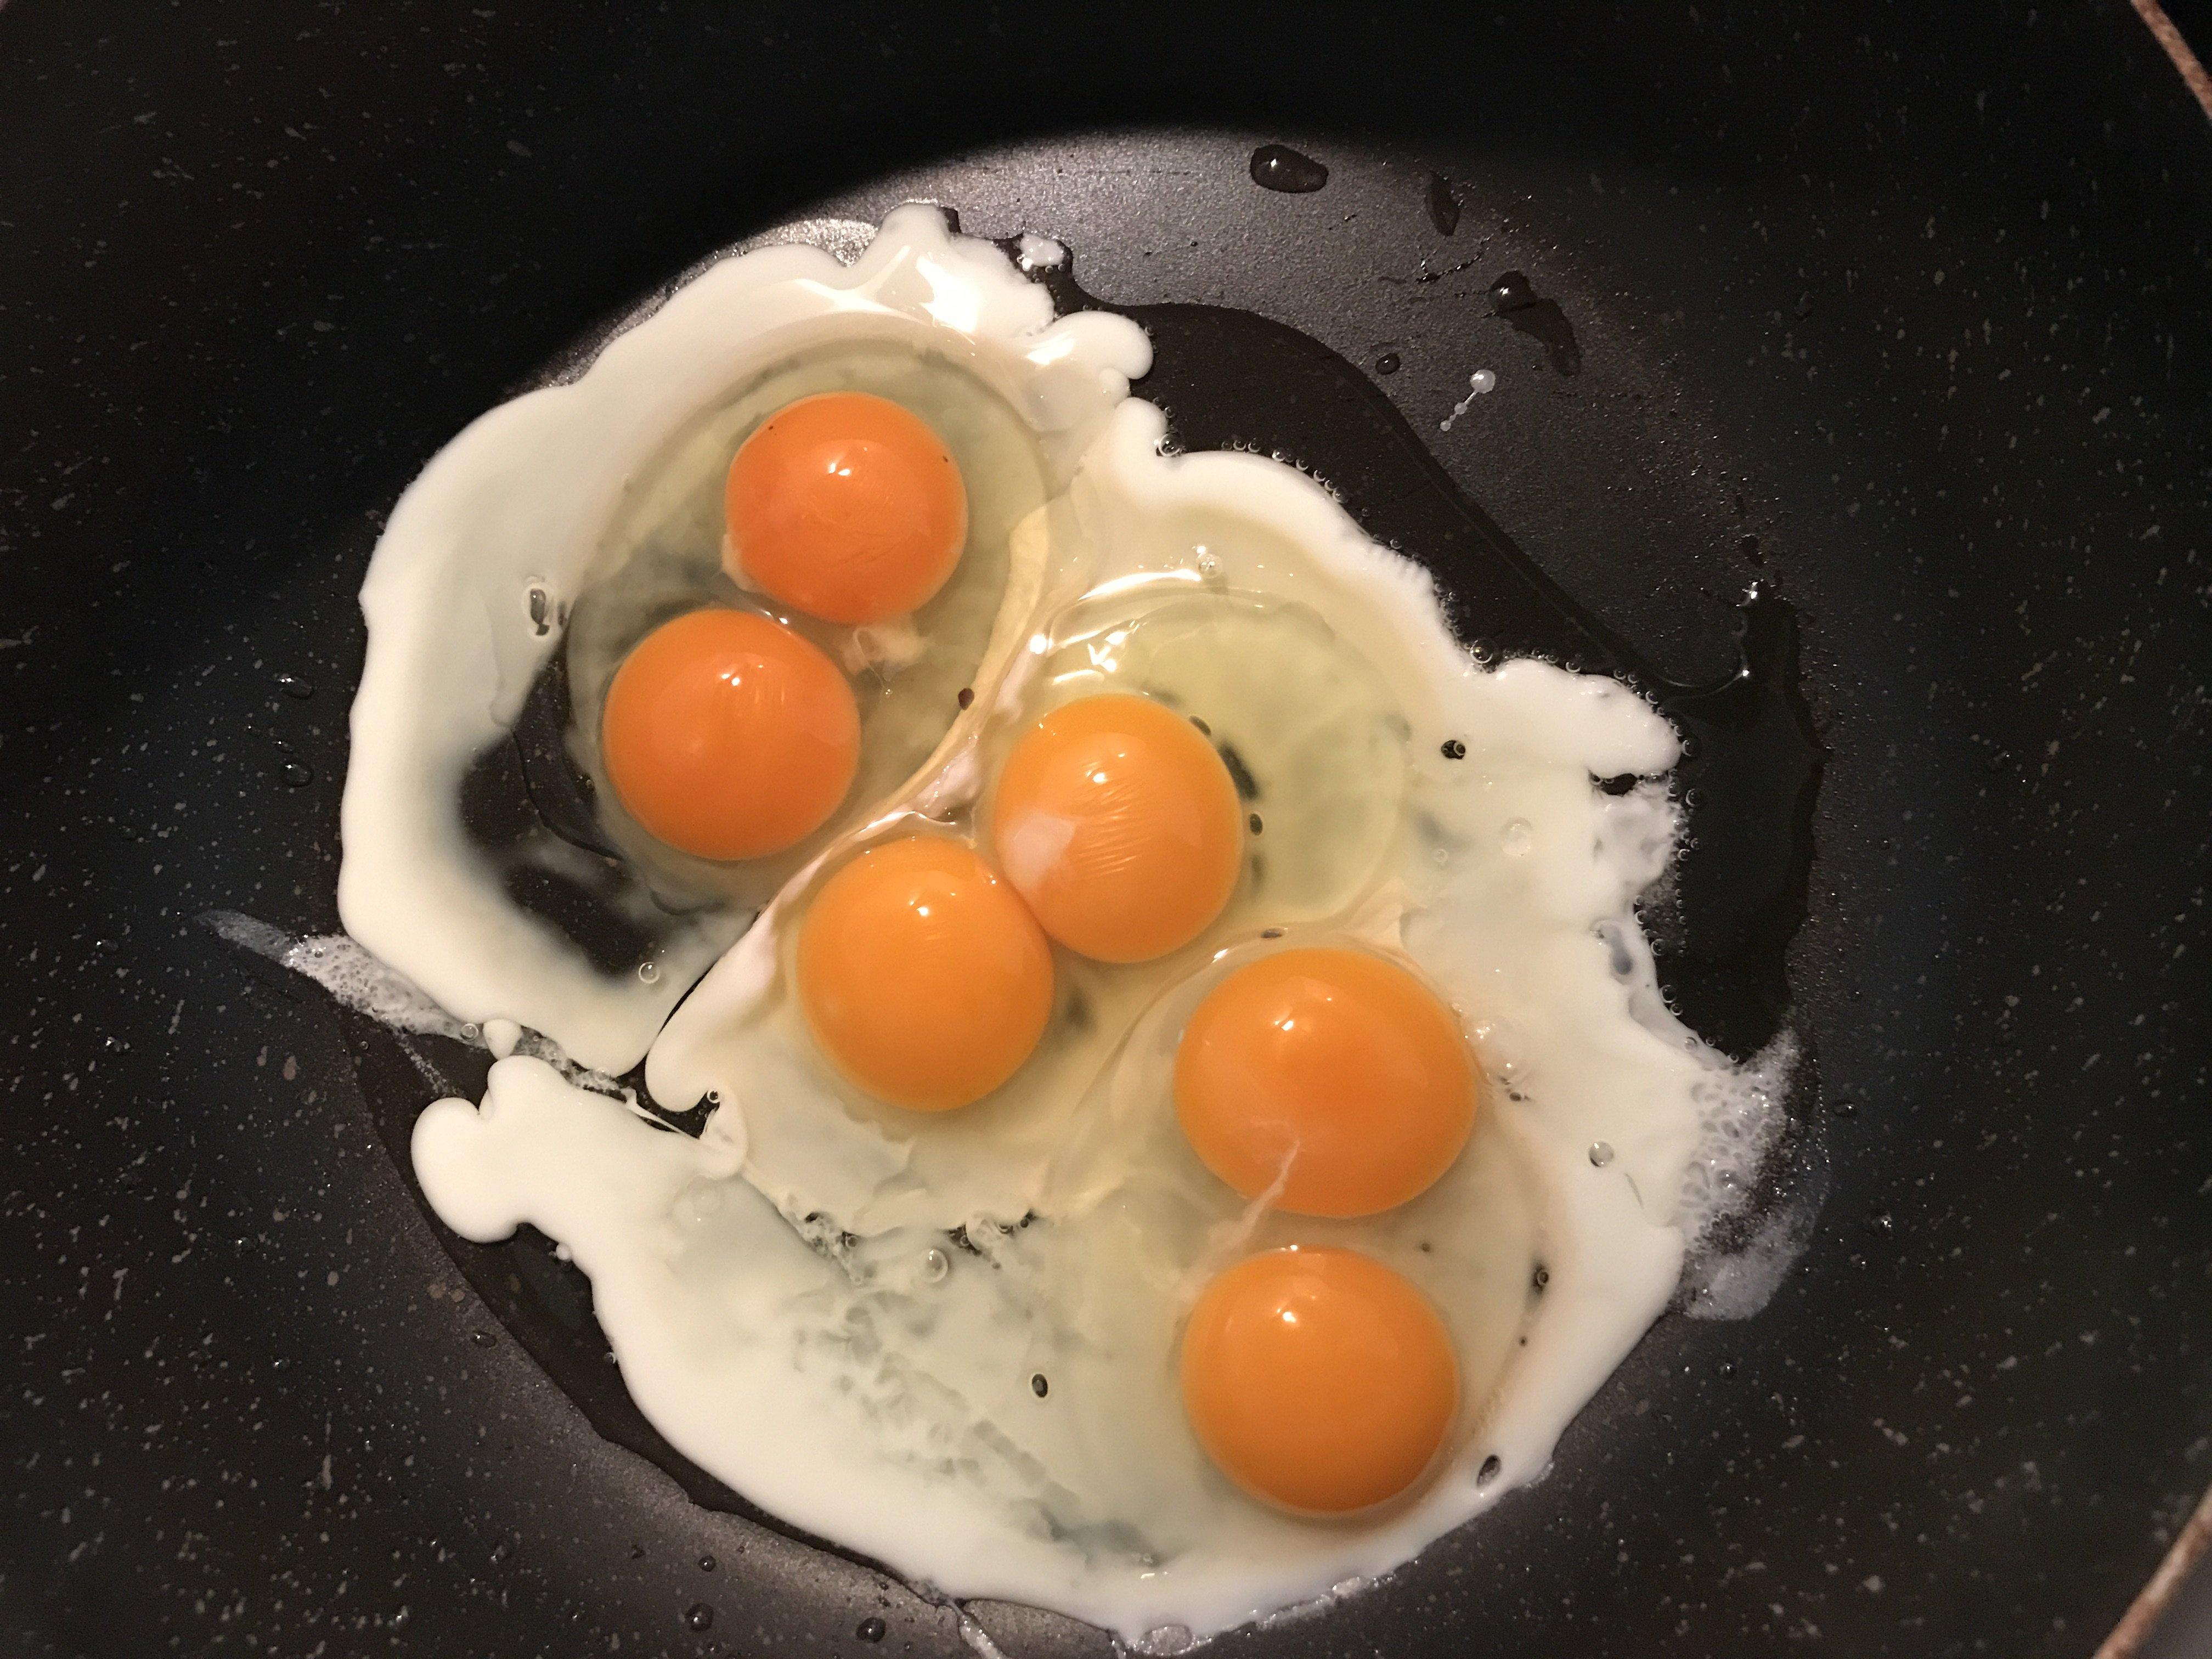 朝、卵を割ったら、、双子ちゃんが3つ!!!なんとなくいいこ…